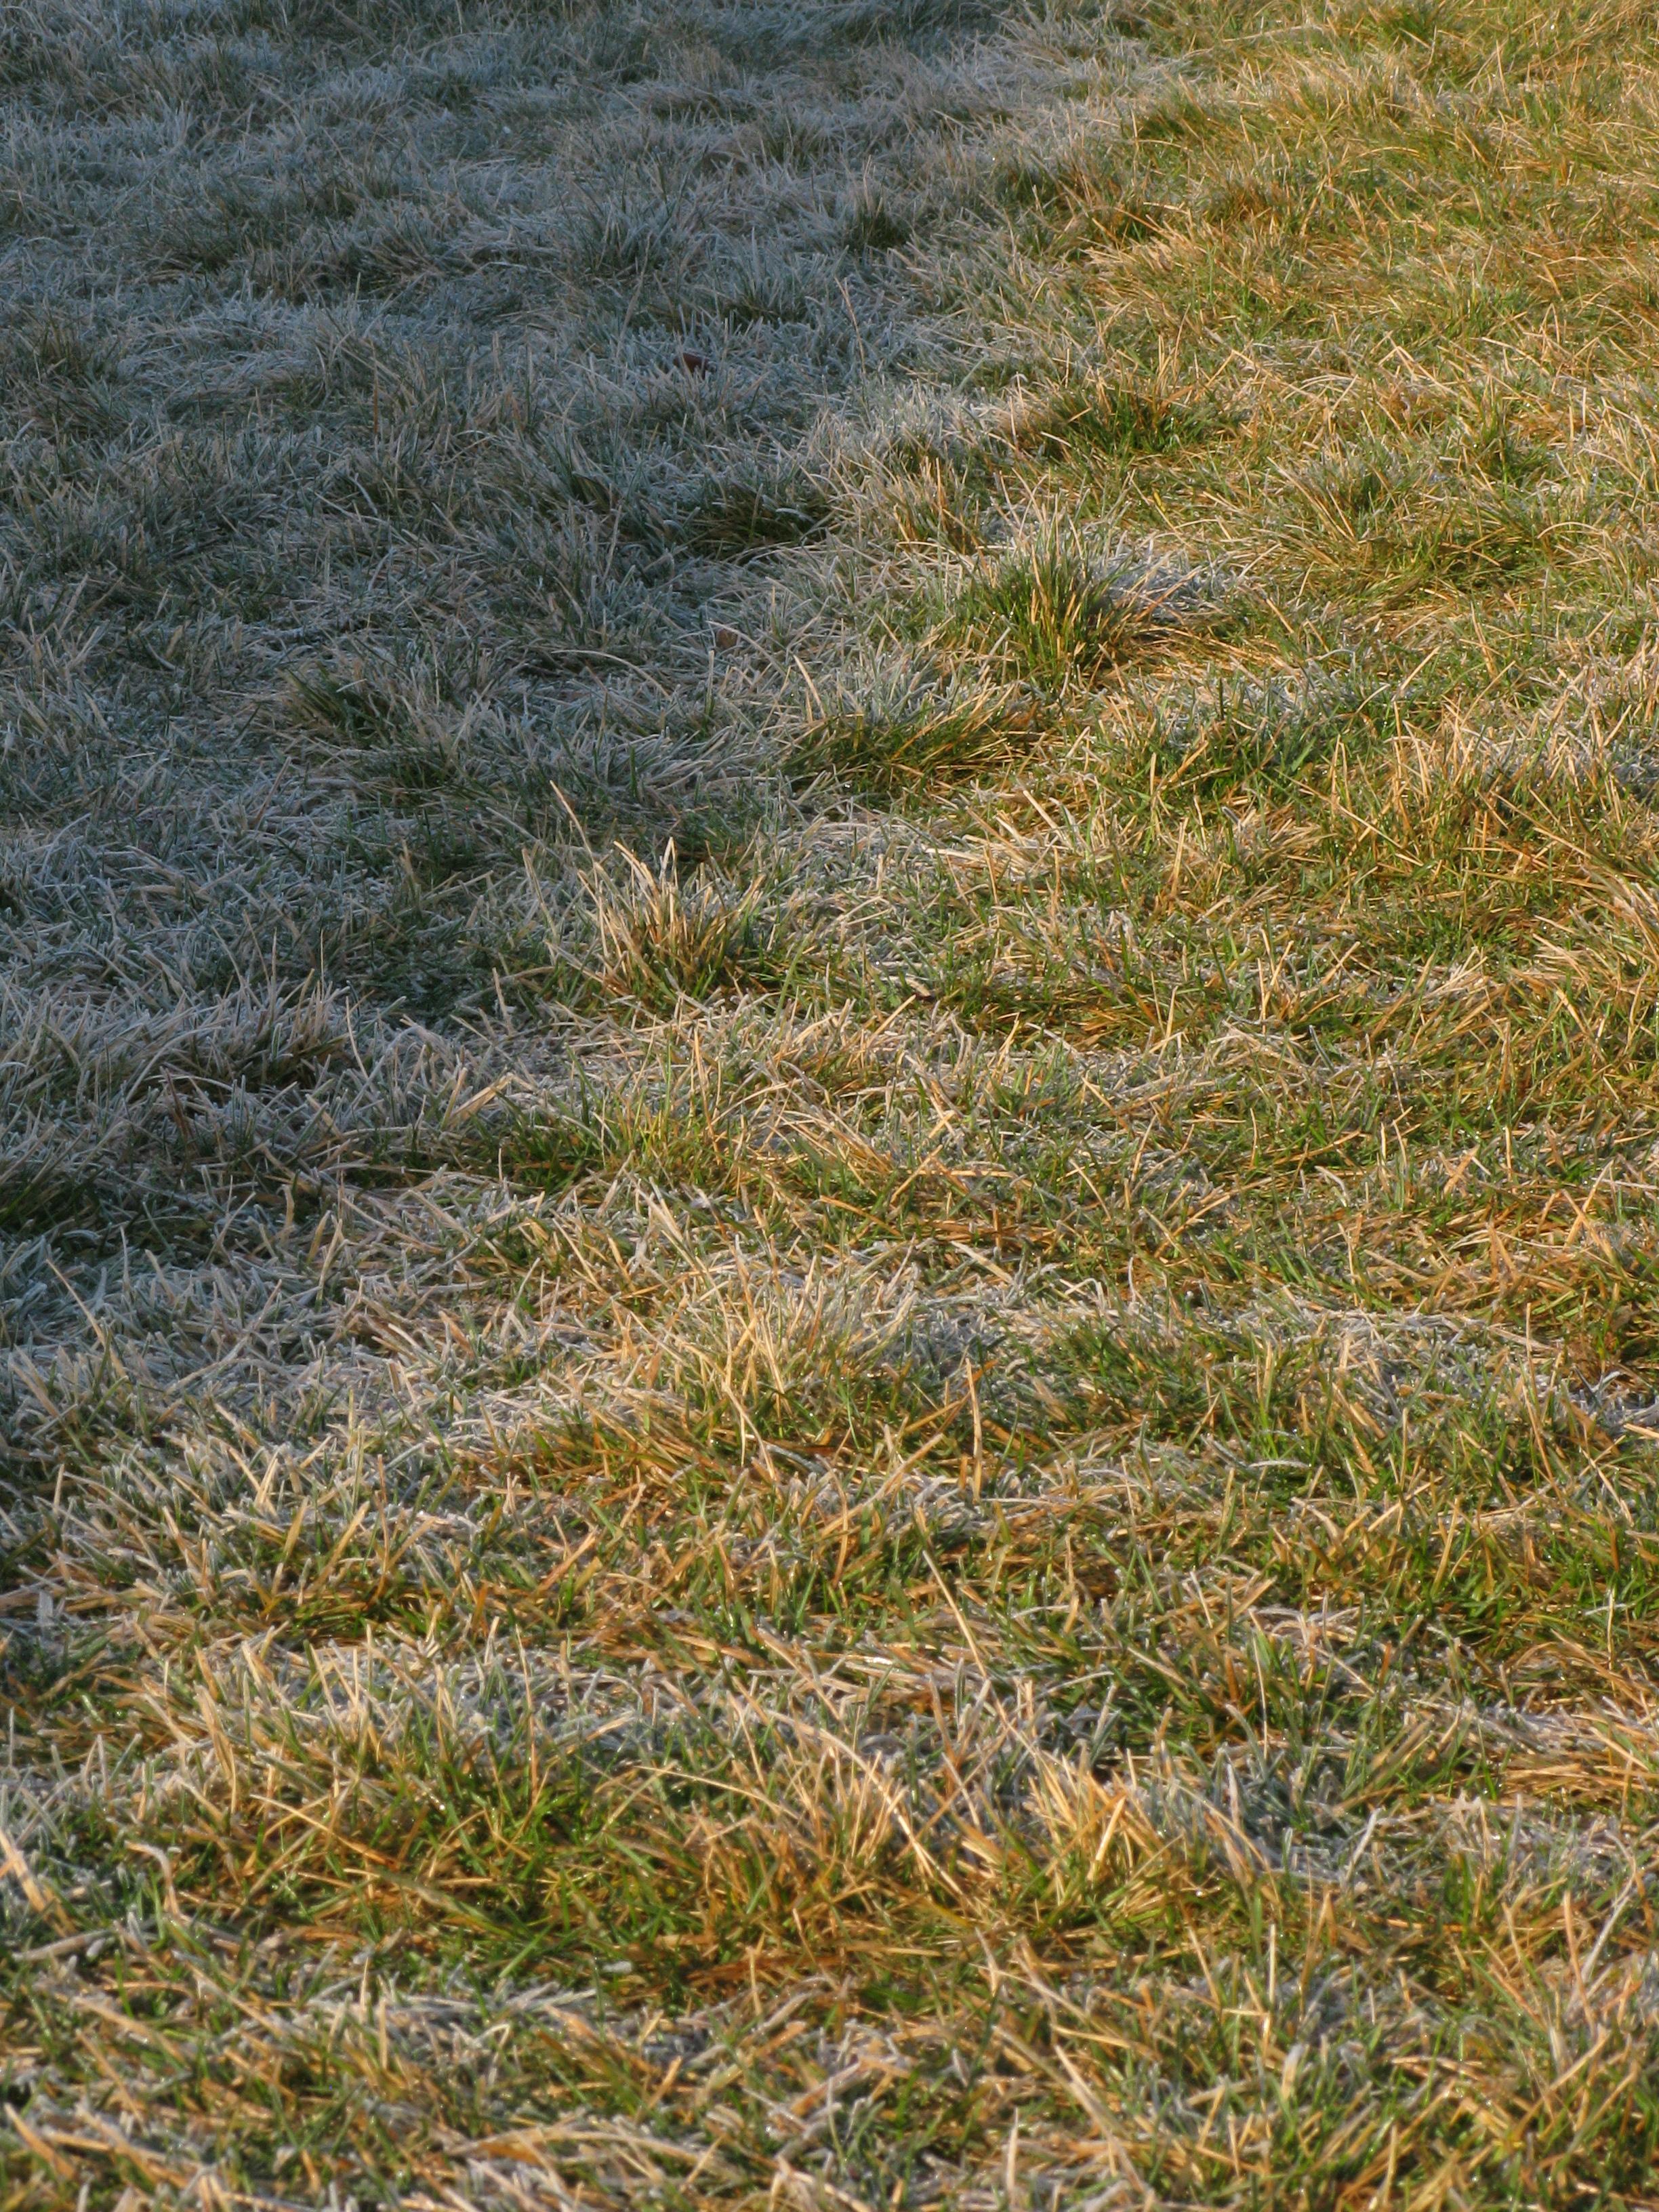 Shadow frost. 23 Nov. 2011